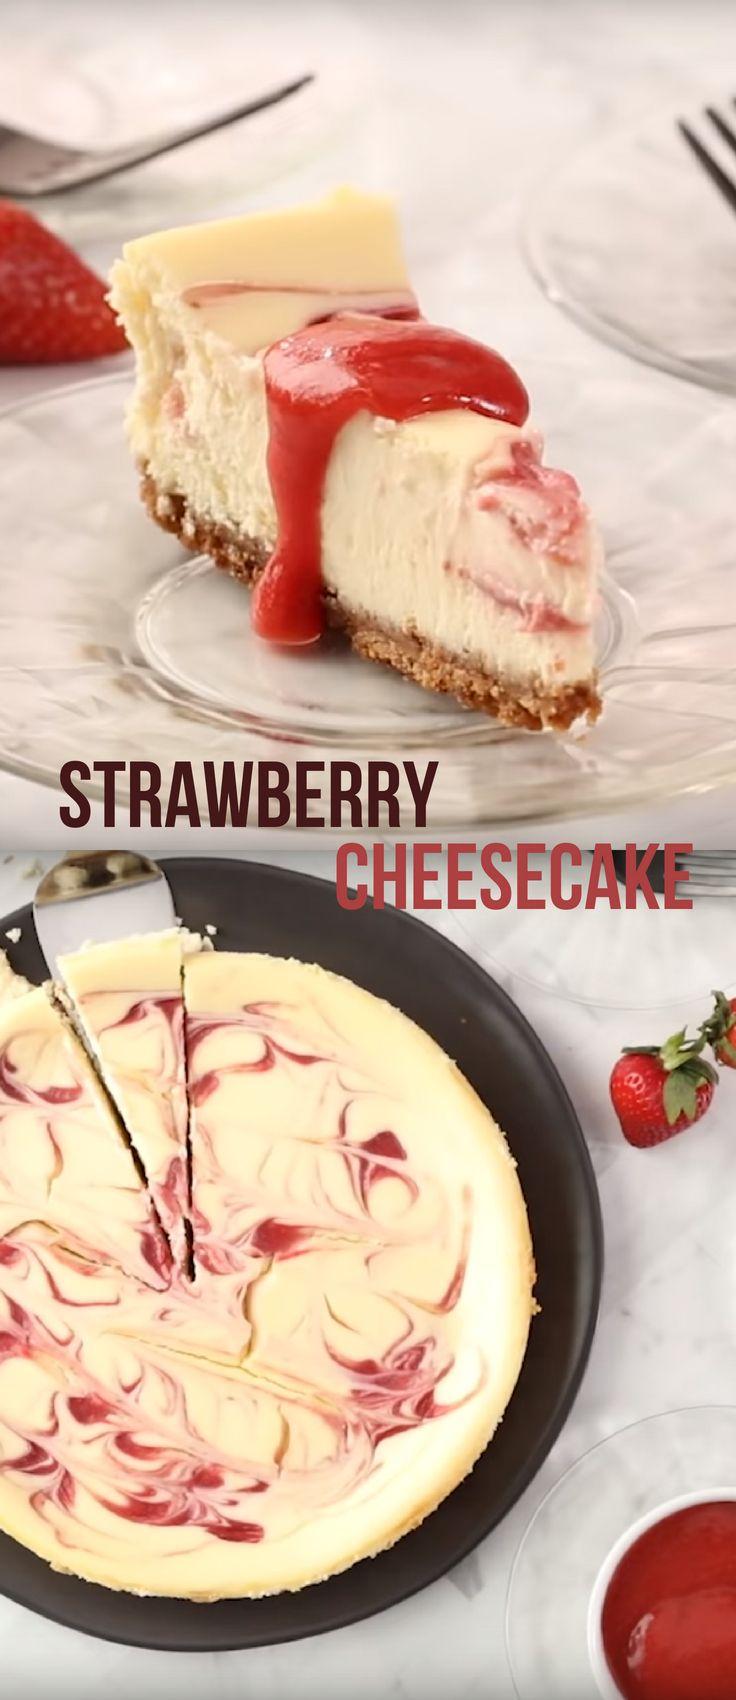 Strawberry Cheesecake Best Kids Dessert Video Recipe cheesecake dessert strawberry is part of Desserts -